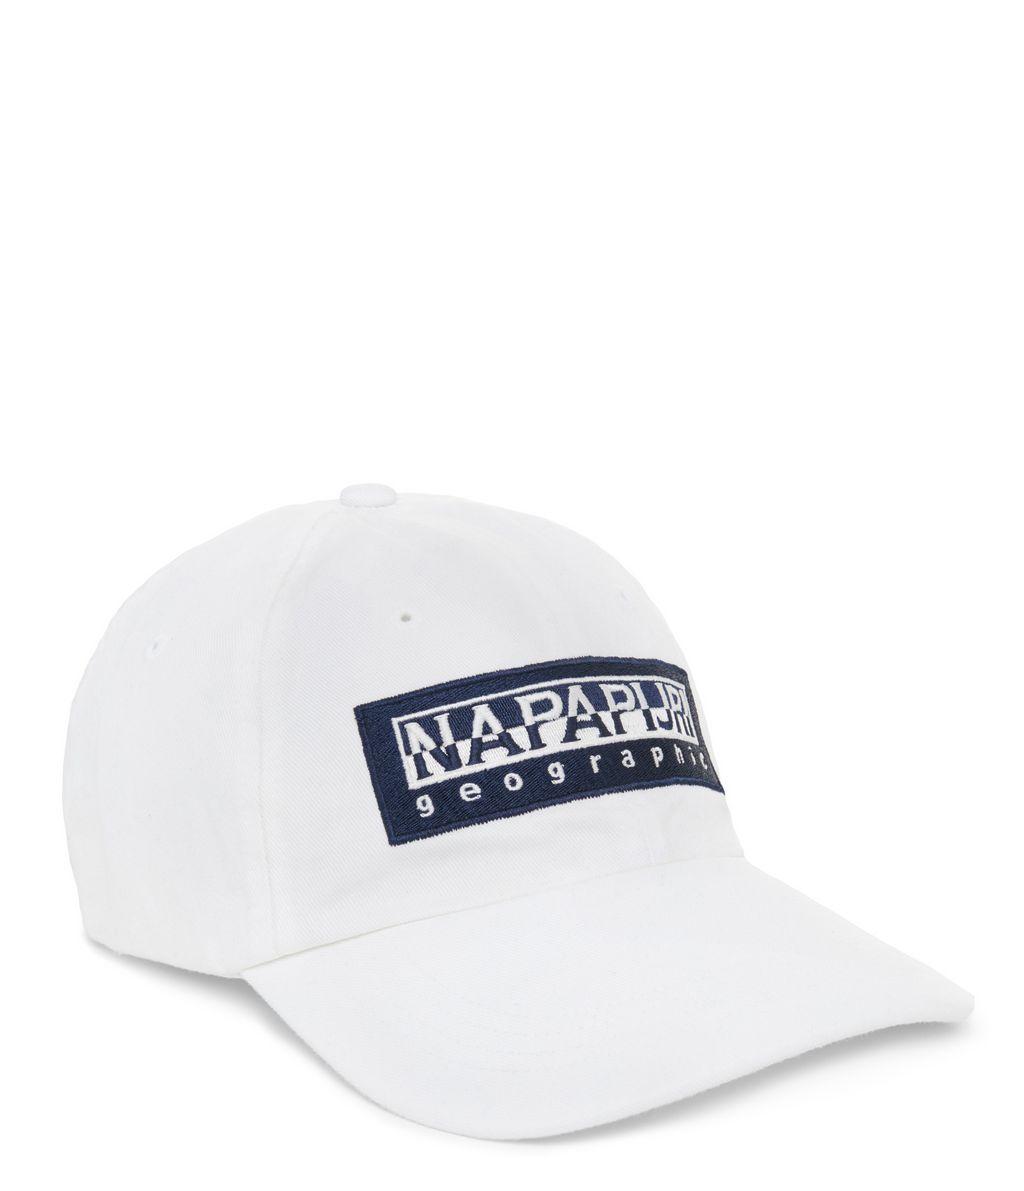 NAPAPIJRI FLON  HAT,BRIGHT WHITE